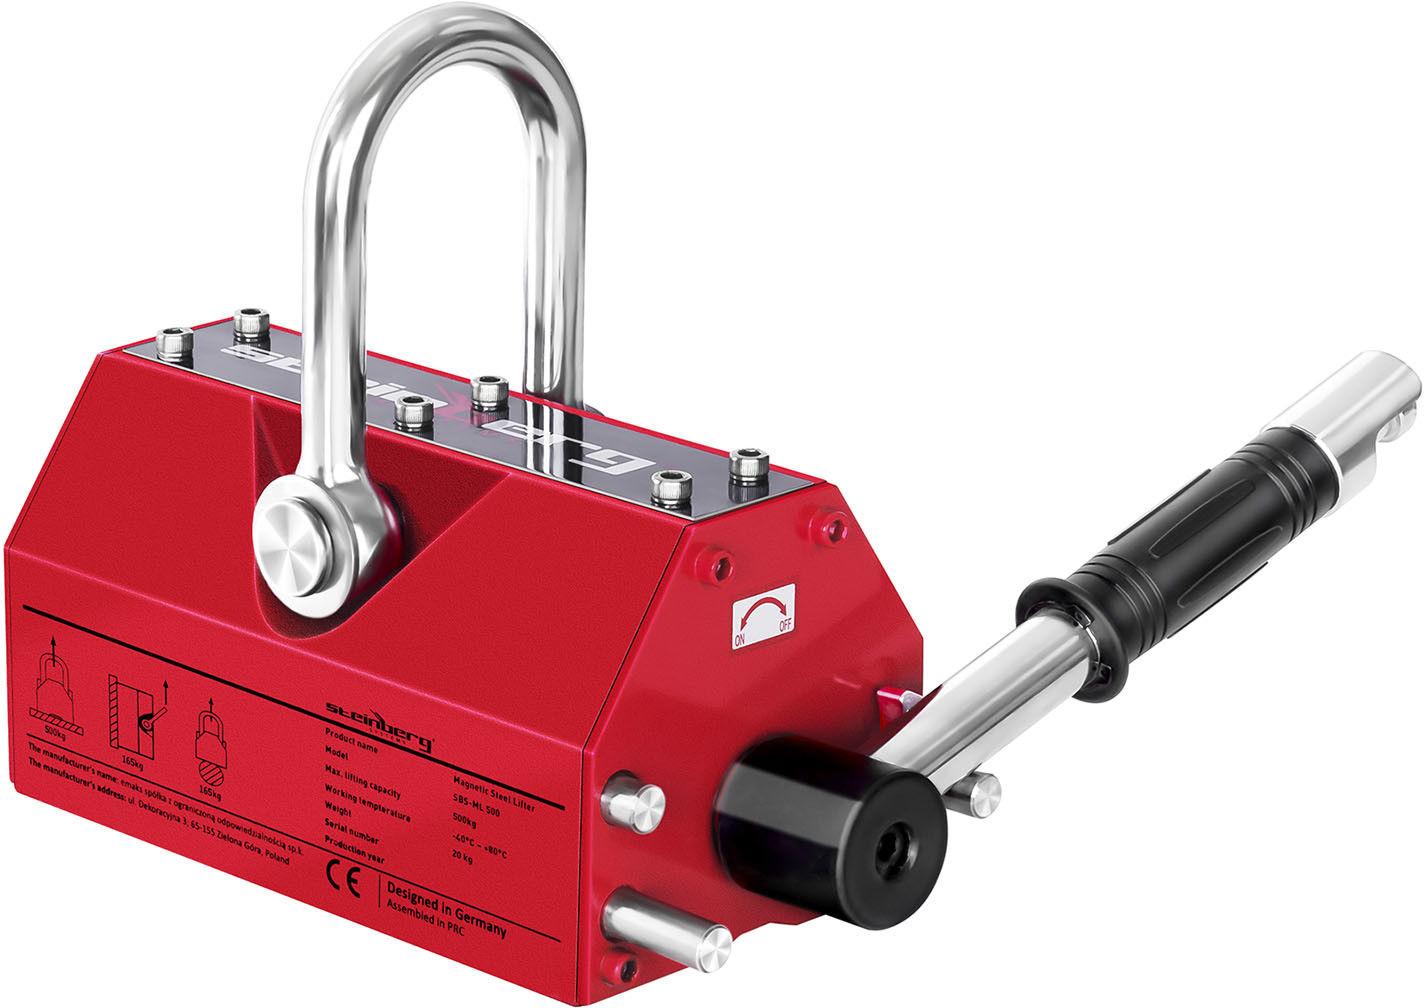 Podnośnik magnetyczny - 500 kg - Steinberg Systems - SBS-ML 500 - 3 lata gwarancji/wysyłka w 24h